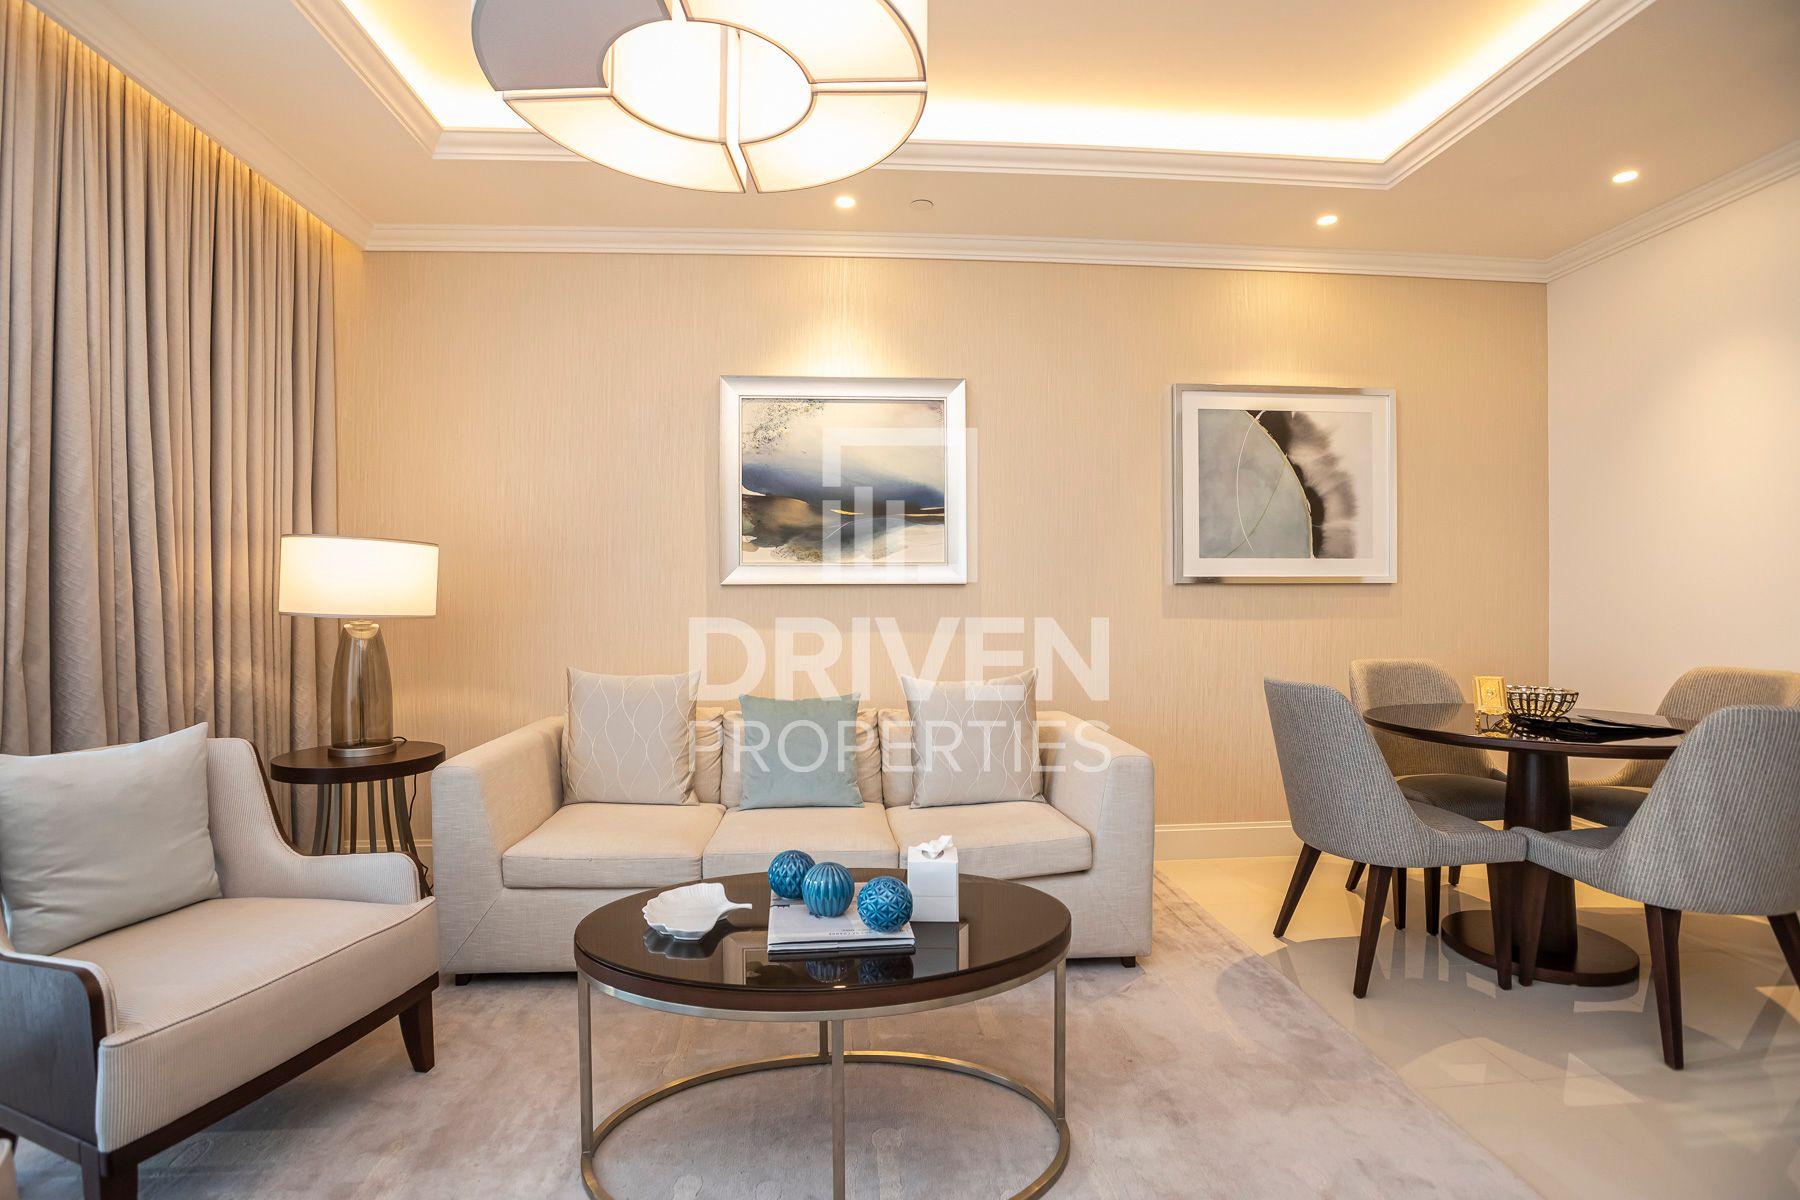 842 قدم مربع  شقة - للبيع - دبي وسط المدينة